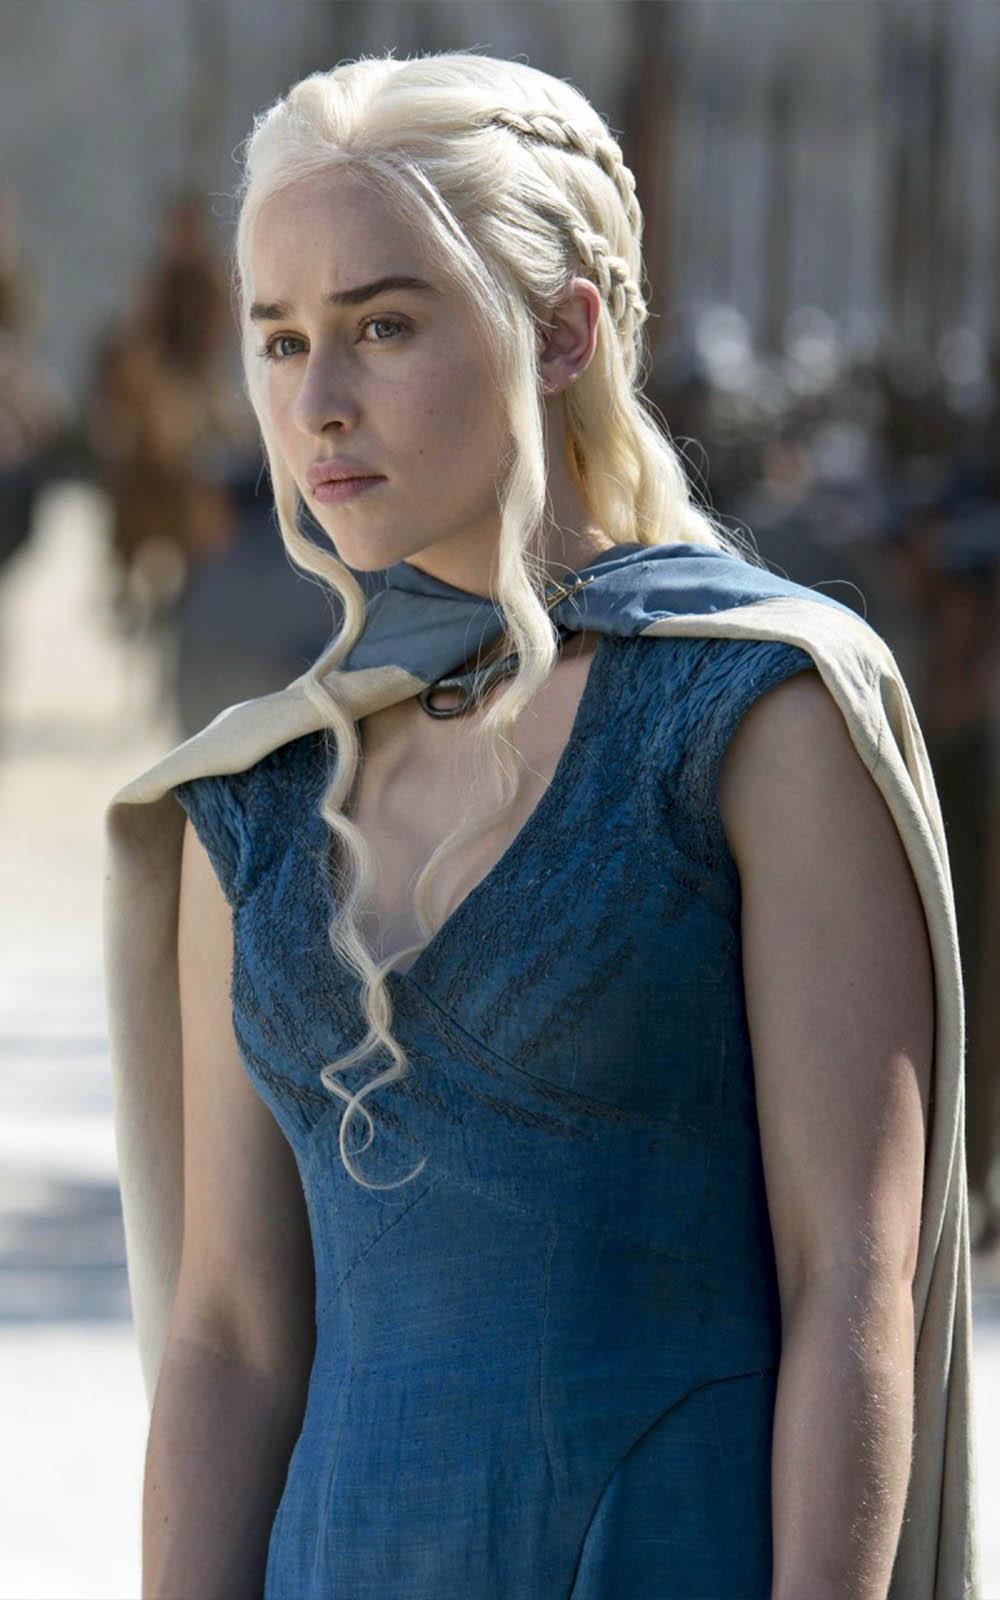 Daenerys Targaryen From Game Of Thrones Download Free Hd